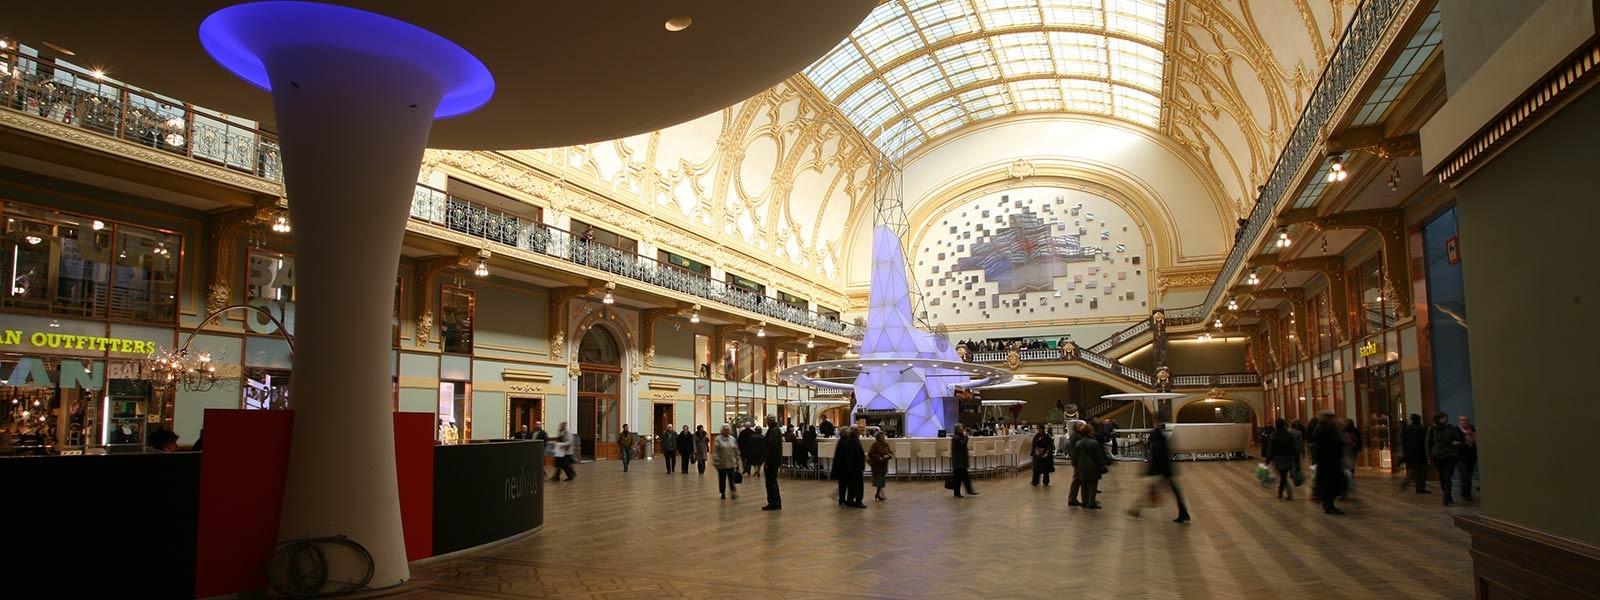 Stadsfeestzaal, Antwerpen